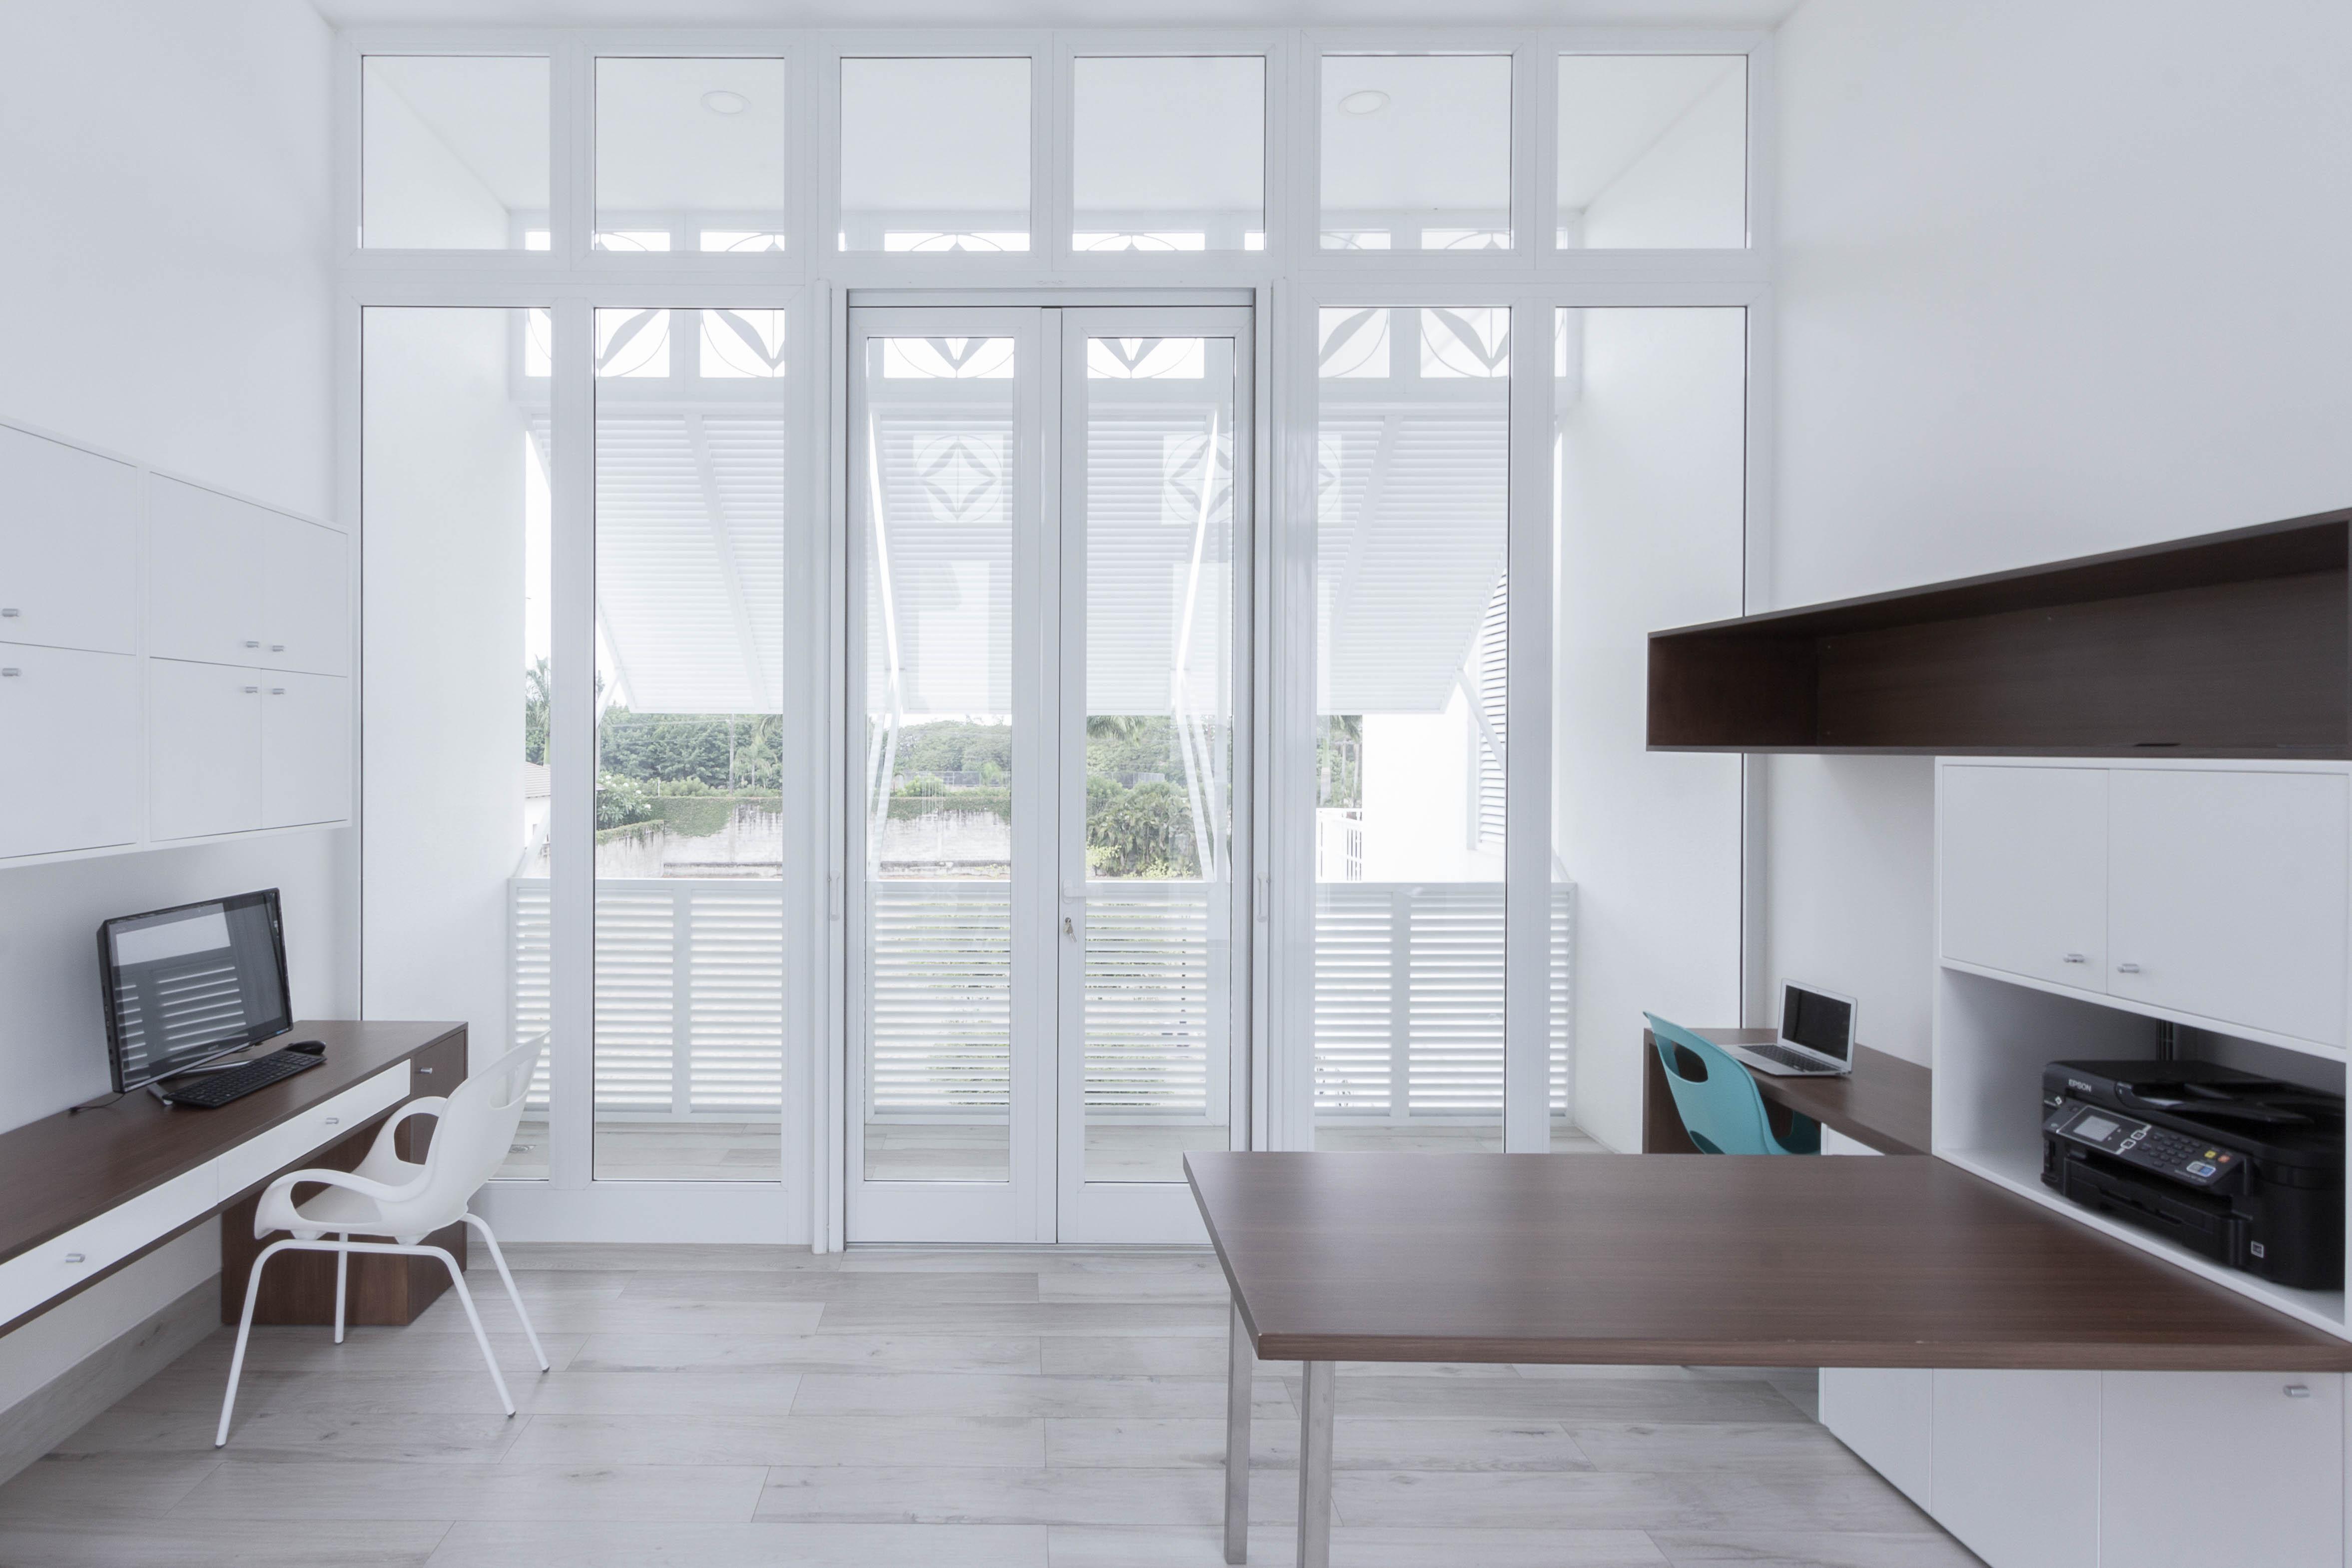 Ventana y puerta de aluminio y vidrio window world 17